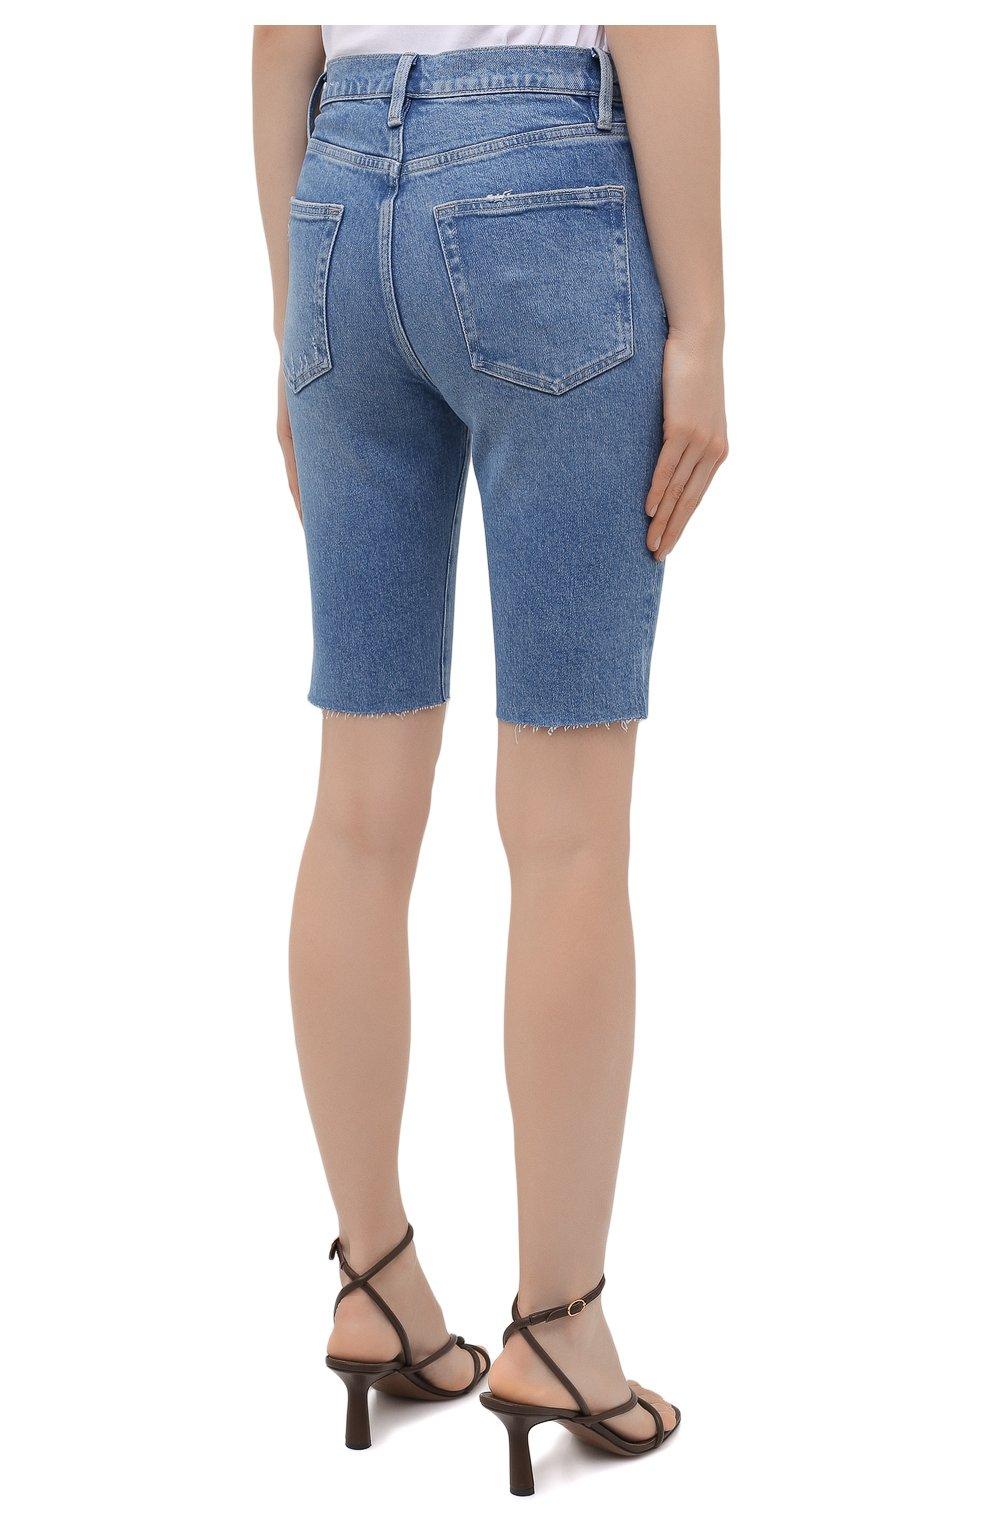 Женские джинсовые шорты FRAME DENIM синего цвета, арт. LVBSHRA118   Фото 4 (Женское Кросс-КТ: Шорты-одежда; Кросс-КТ: Деним; Материал внешний: Хлопок, Лиоцелл, Деним; Стили: Спорт-шик; Длина Ж (юбки, платья, шорты): До колена)